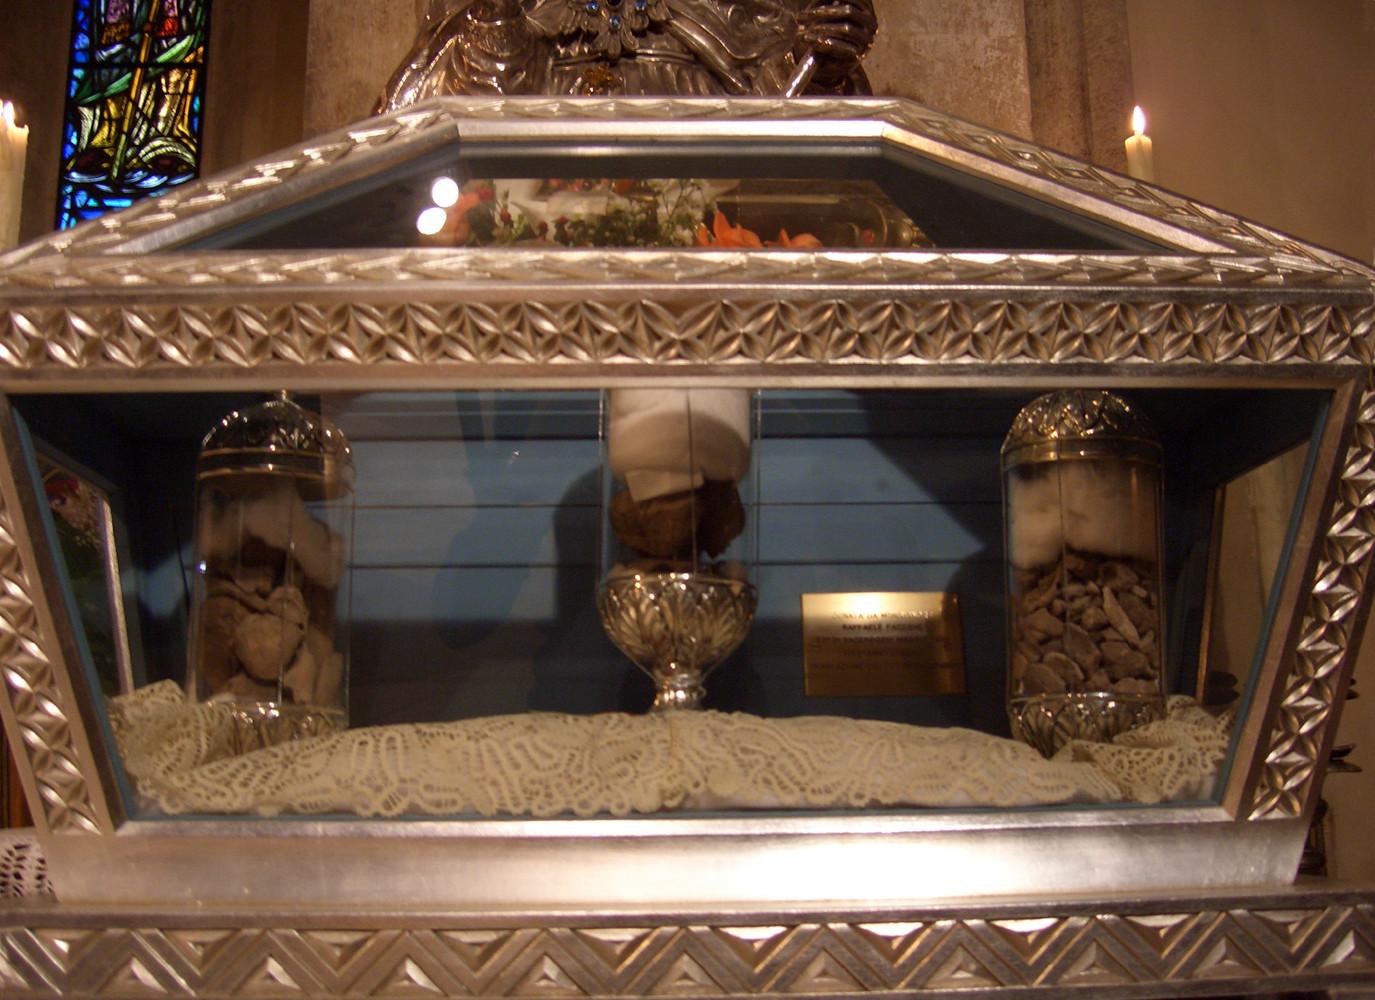 La nuova urna donata da mons. Raffaele Faccone, Presidente del Capitolo della Concattedrale, in occasione del suo 50° di sacerdozio (1992) [foto Miscione]